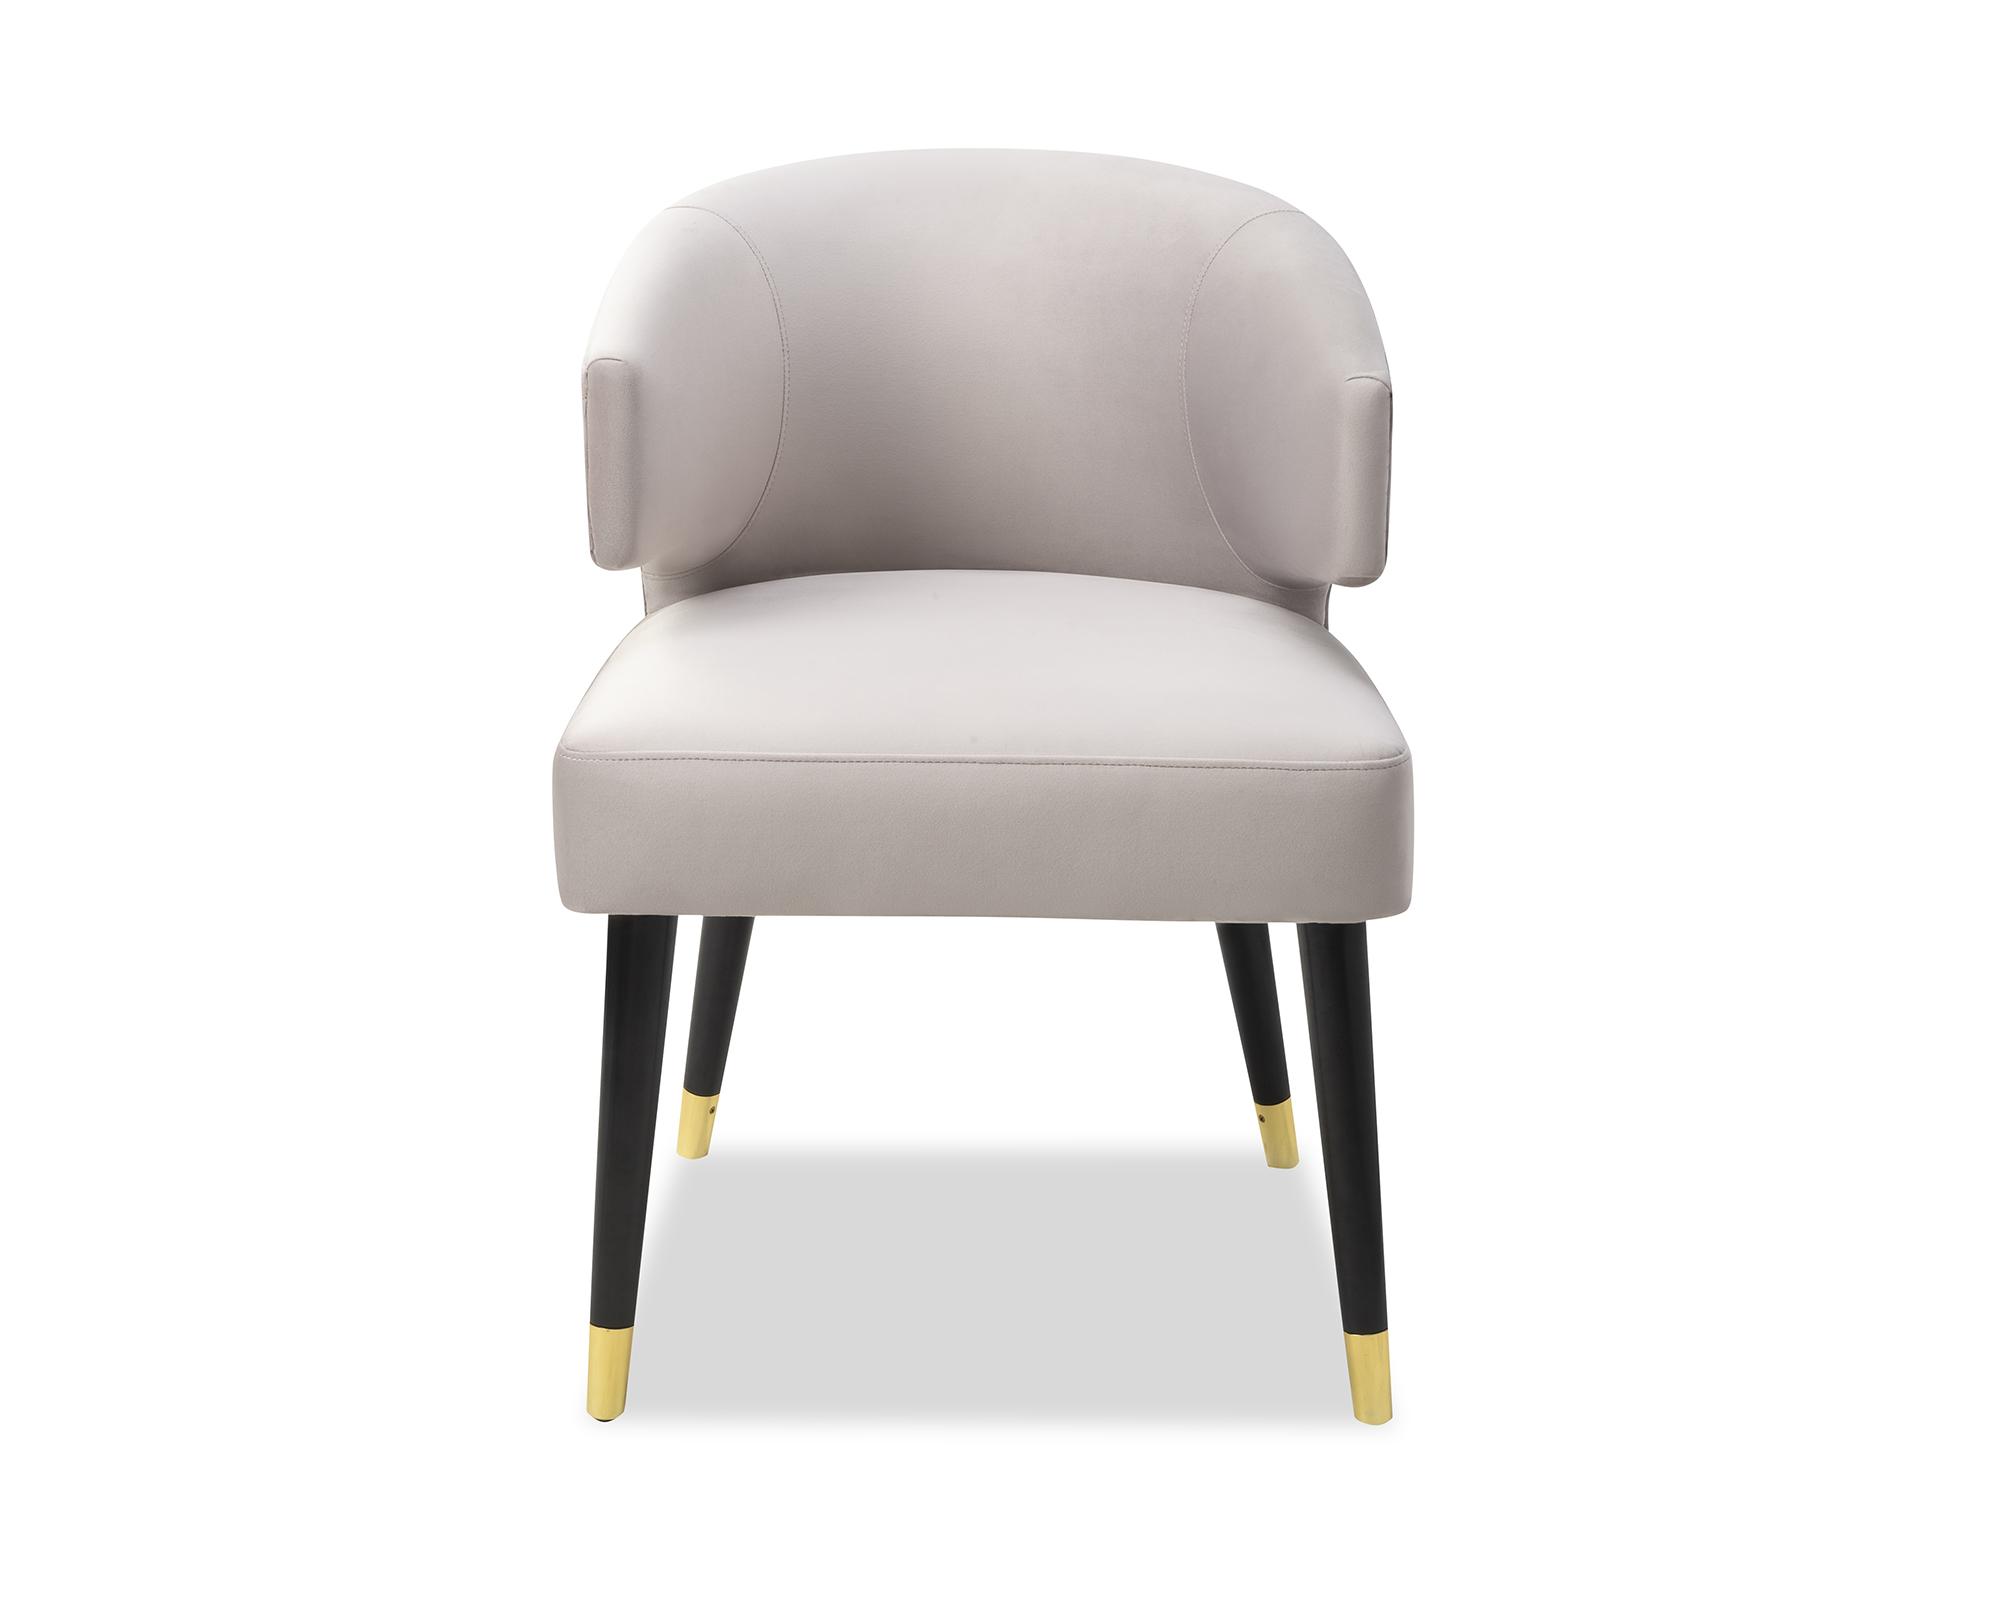 Liang & Eimil Mia Dining Chair Fog Grey Velvet BH-DCH-139 (6)